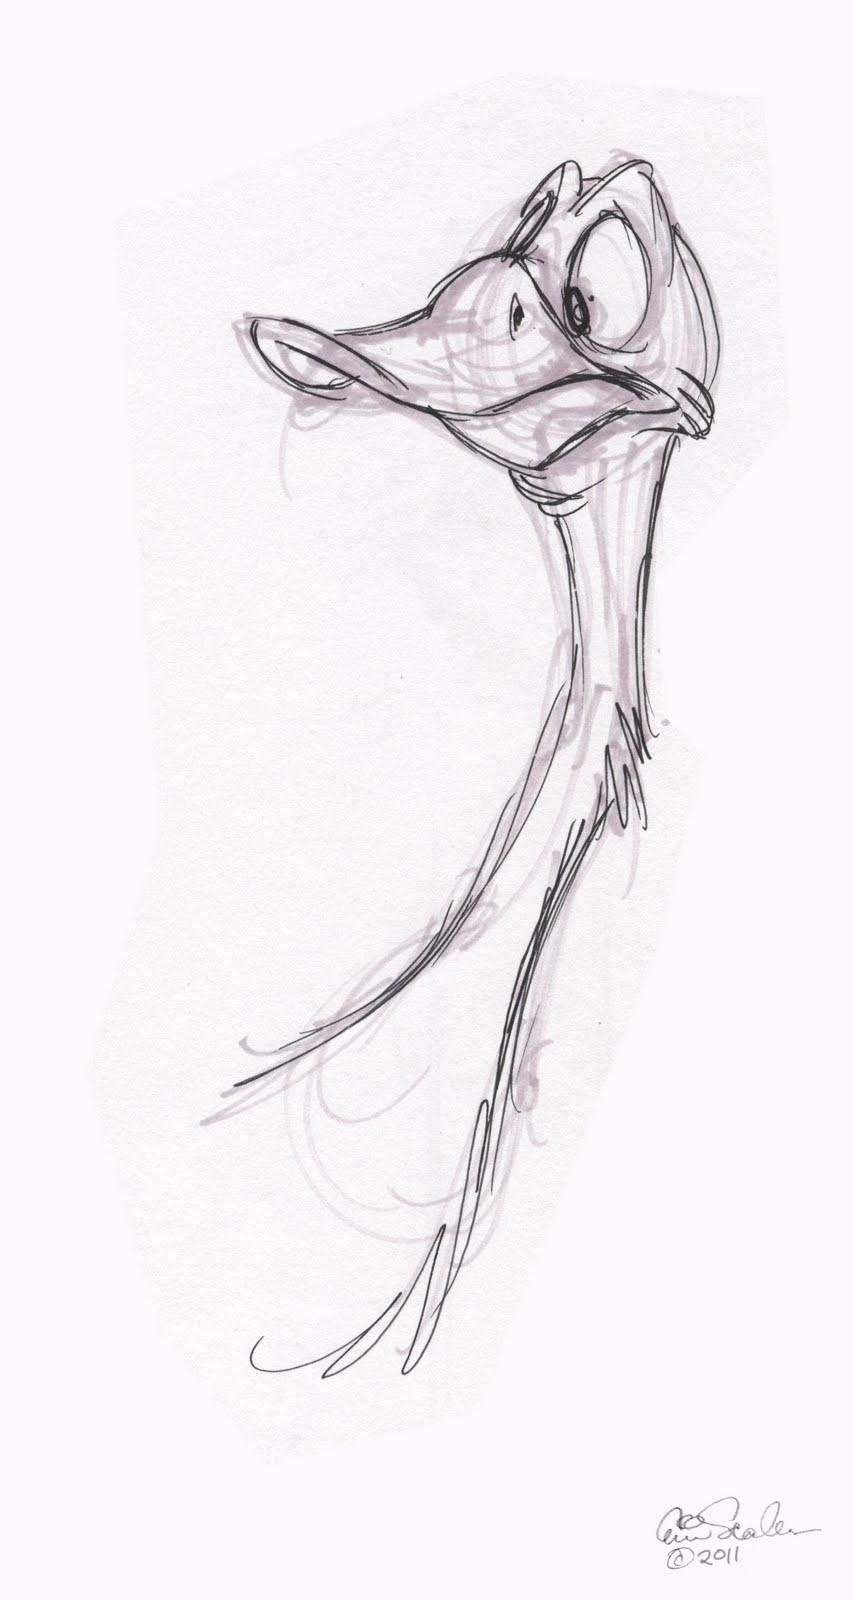 The Ol' Sketchbook: Goofy Geese